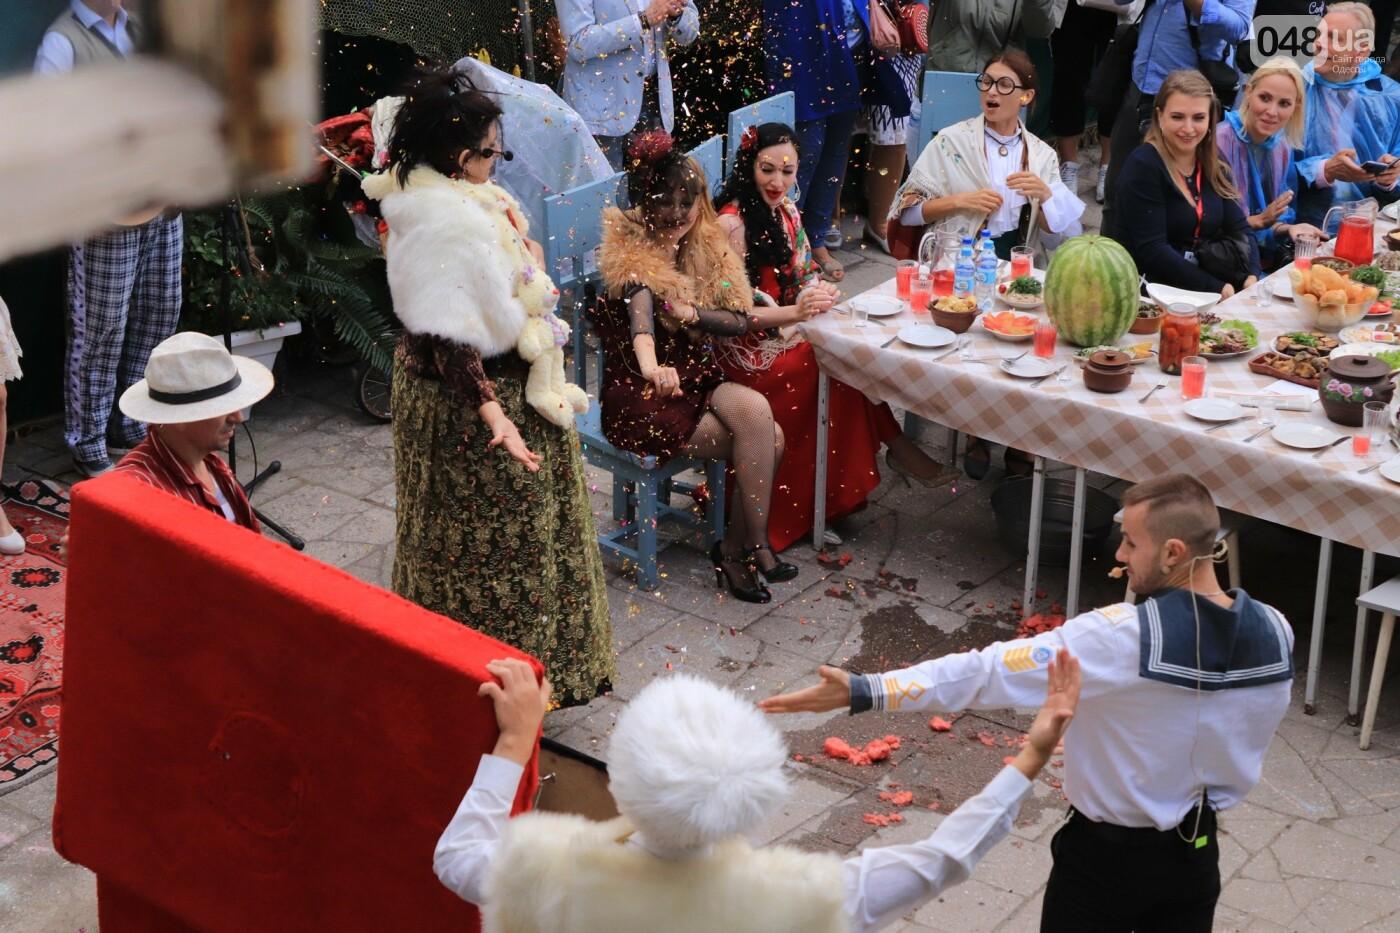 Одесситы гуляли день рождения Мамы в День города, - ФОТОРЕПОРТАЖ, ВИДЕО  , фото-28